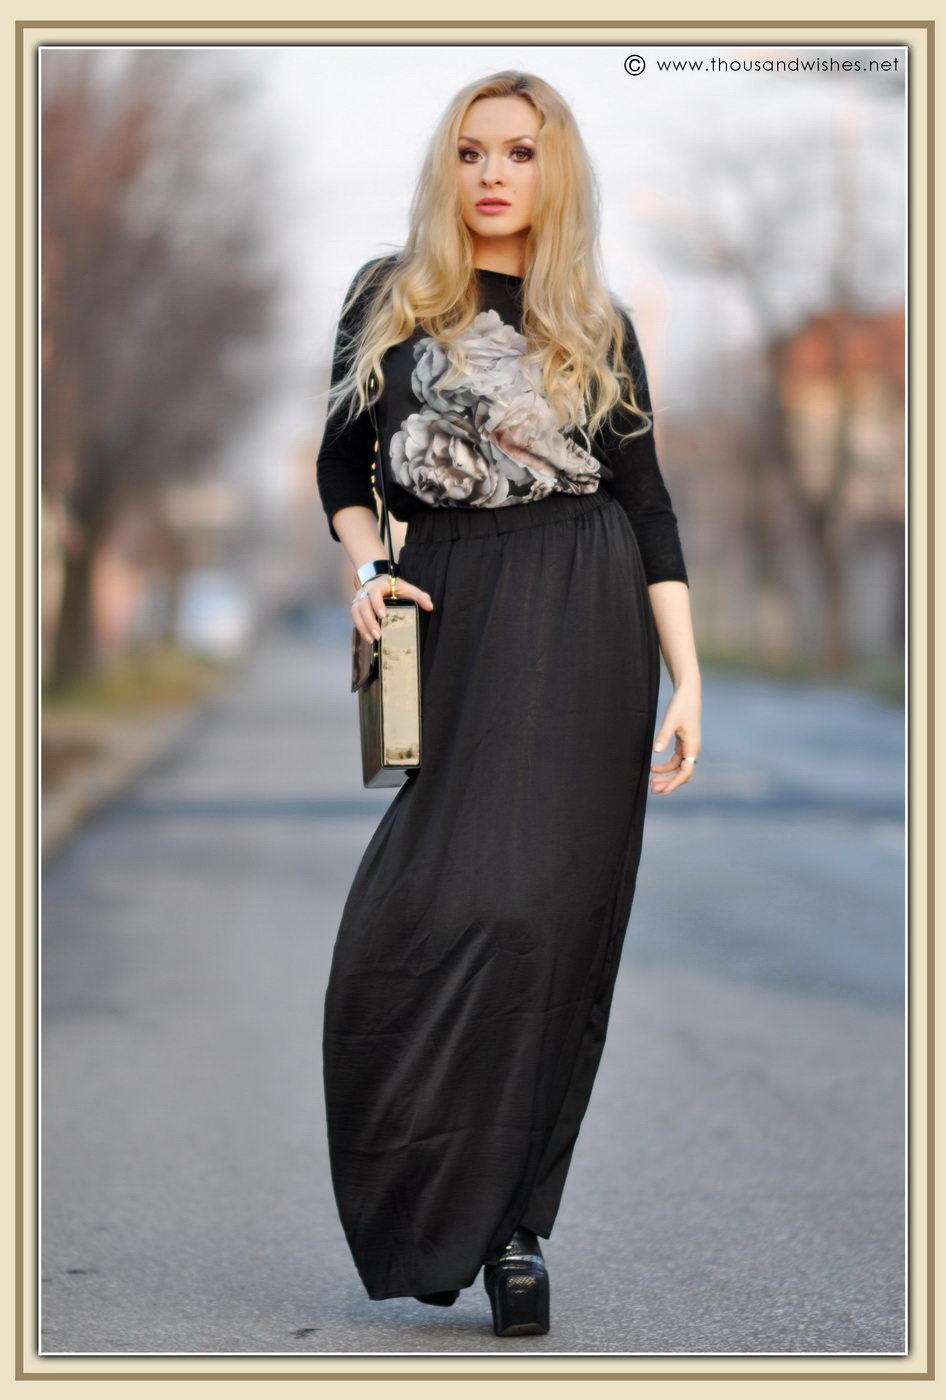 07_glossy_black_bag_skirt